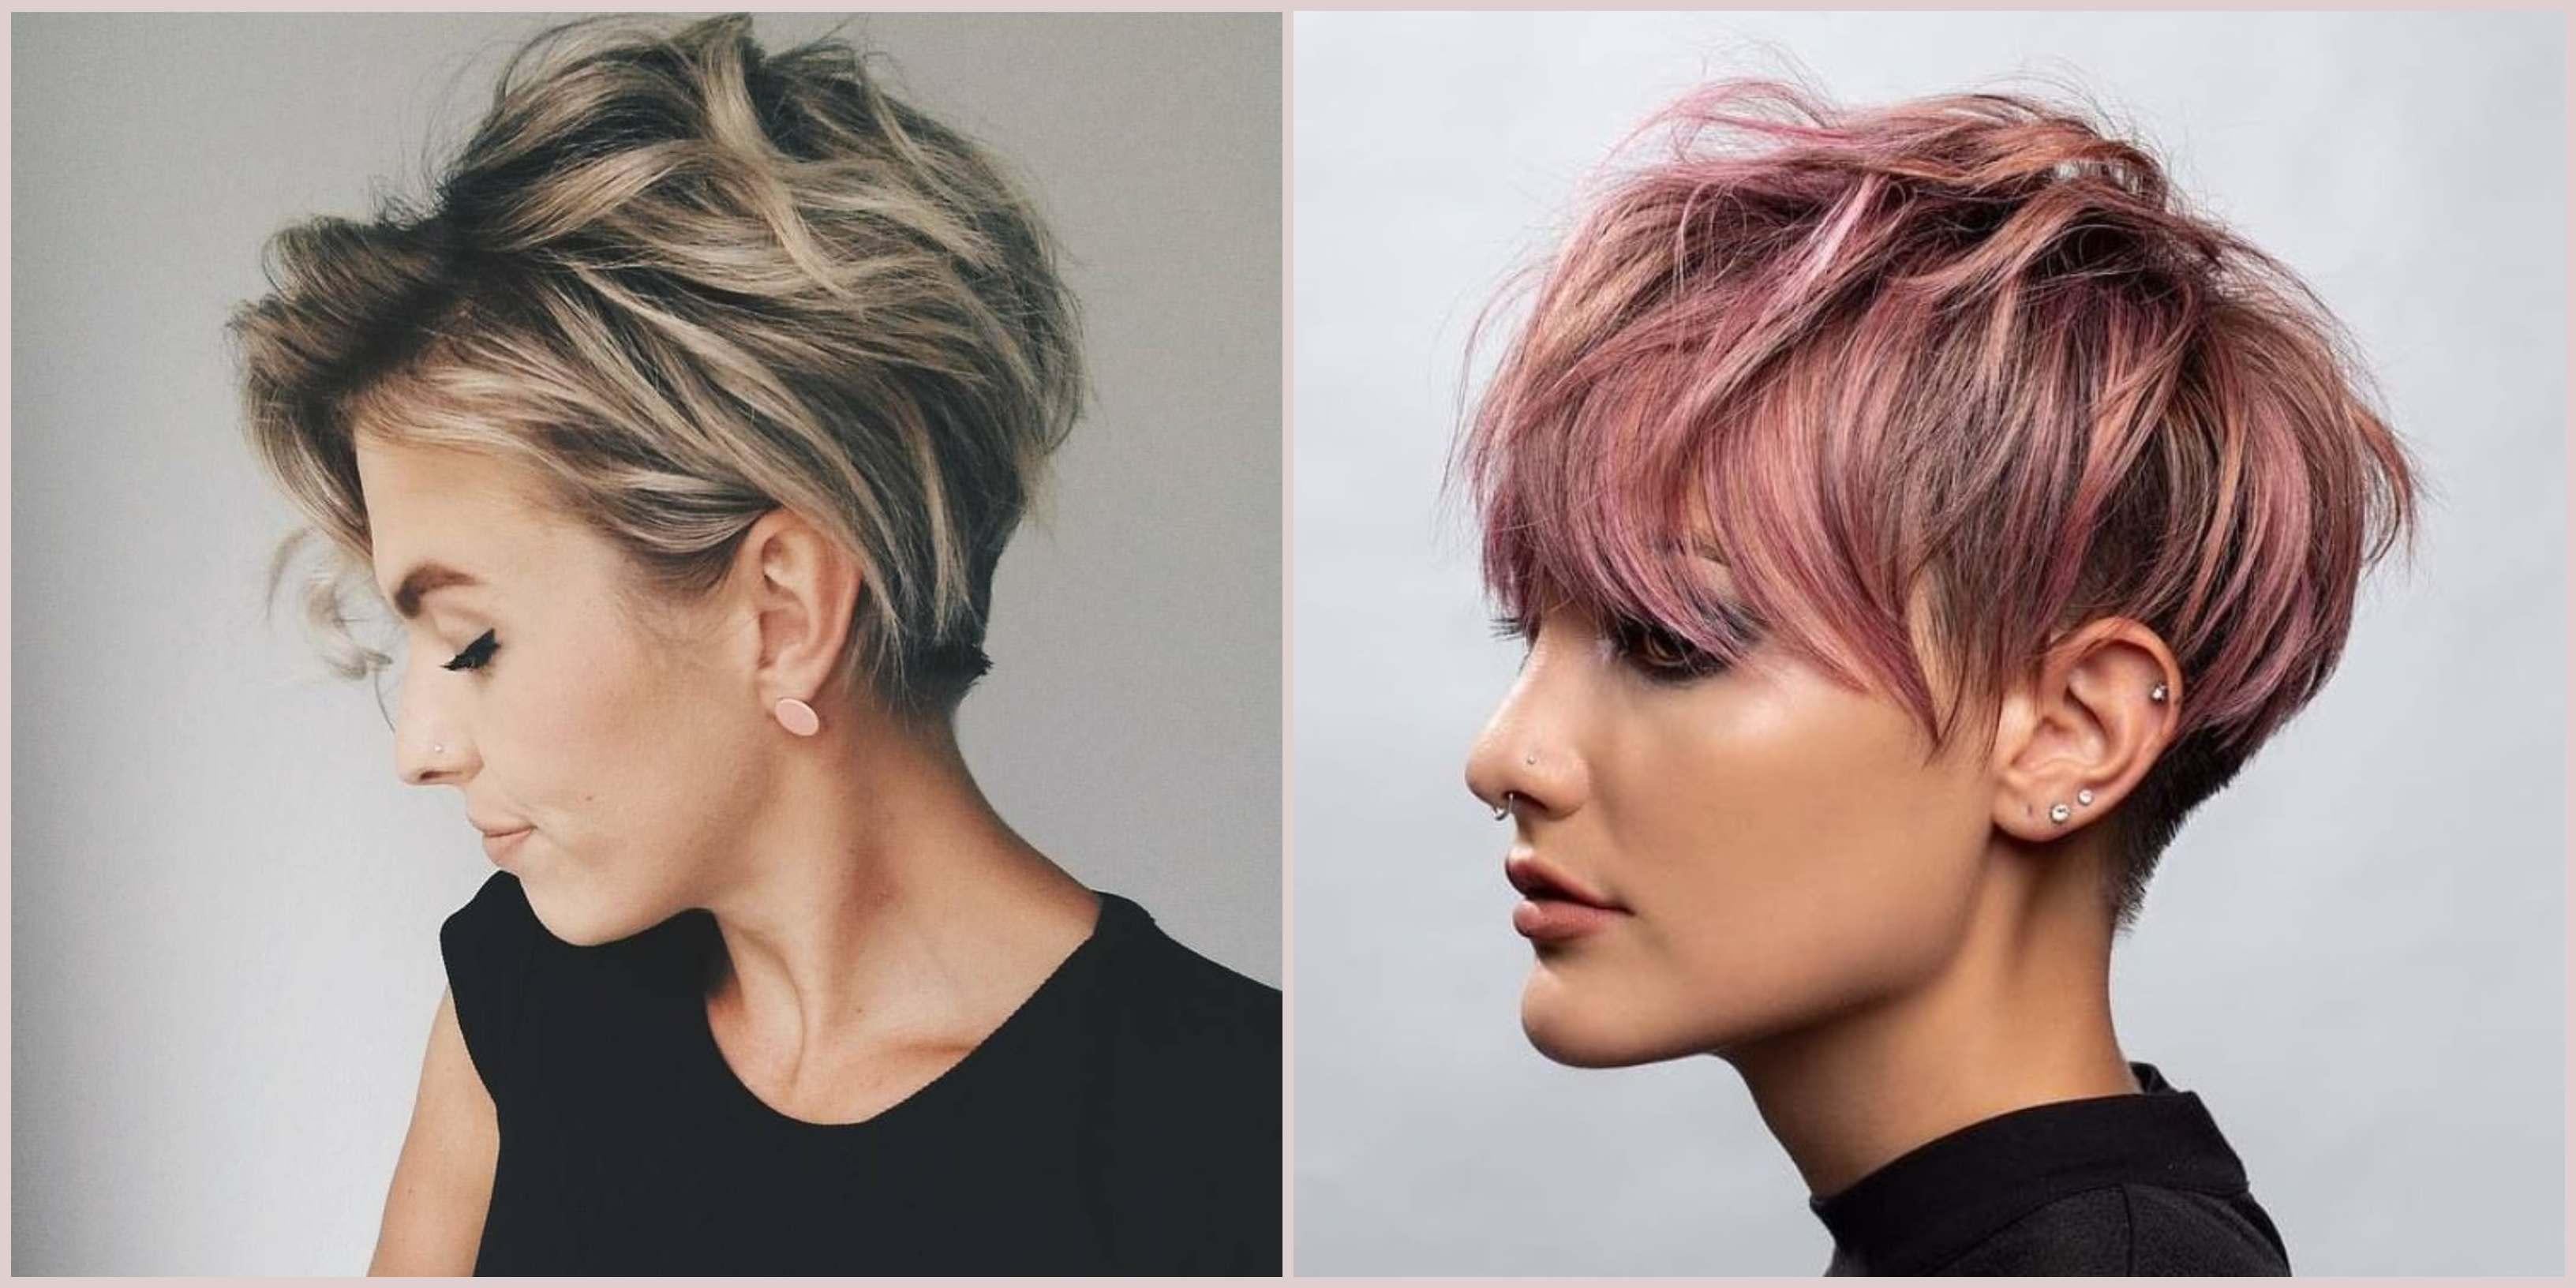 Trendovi Frizure Koje ćemo Nositi U 2019 Godini Paolla Hairstyle